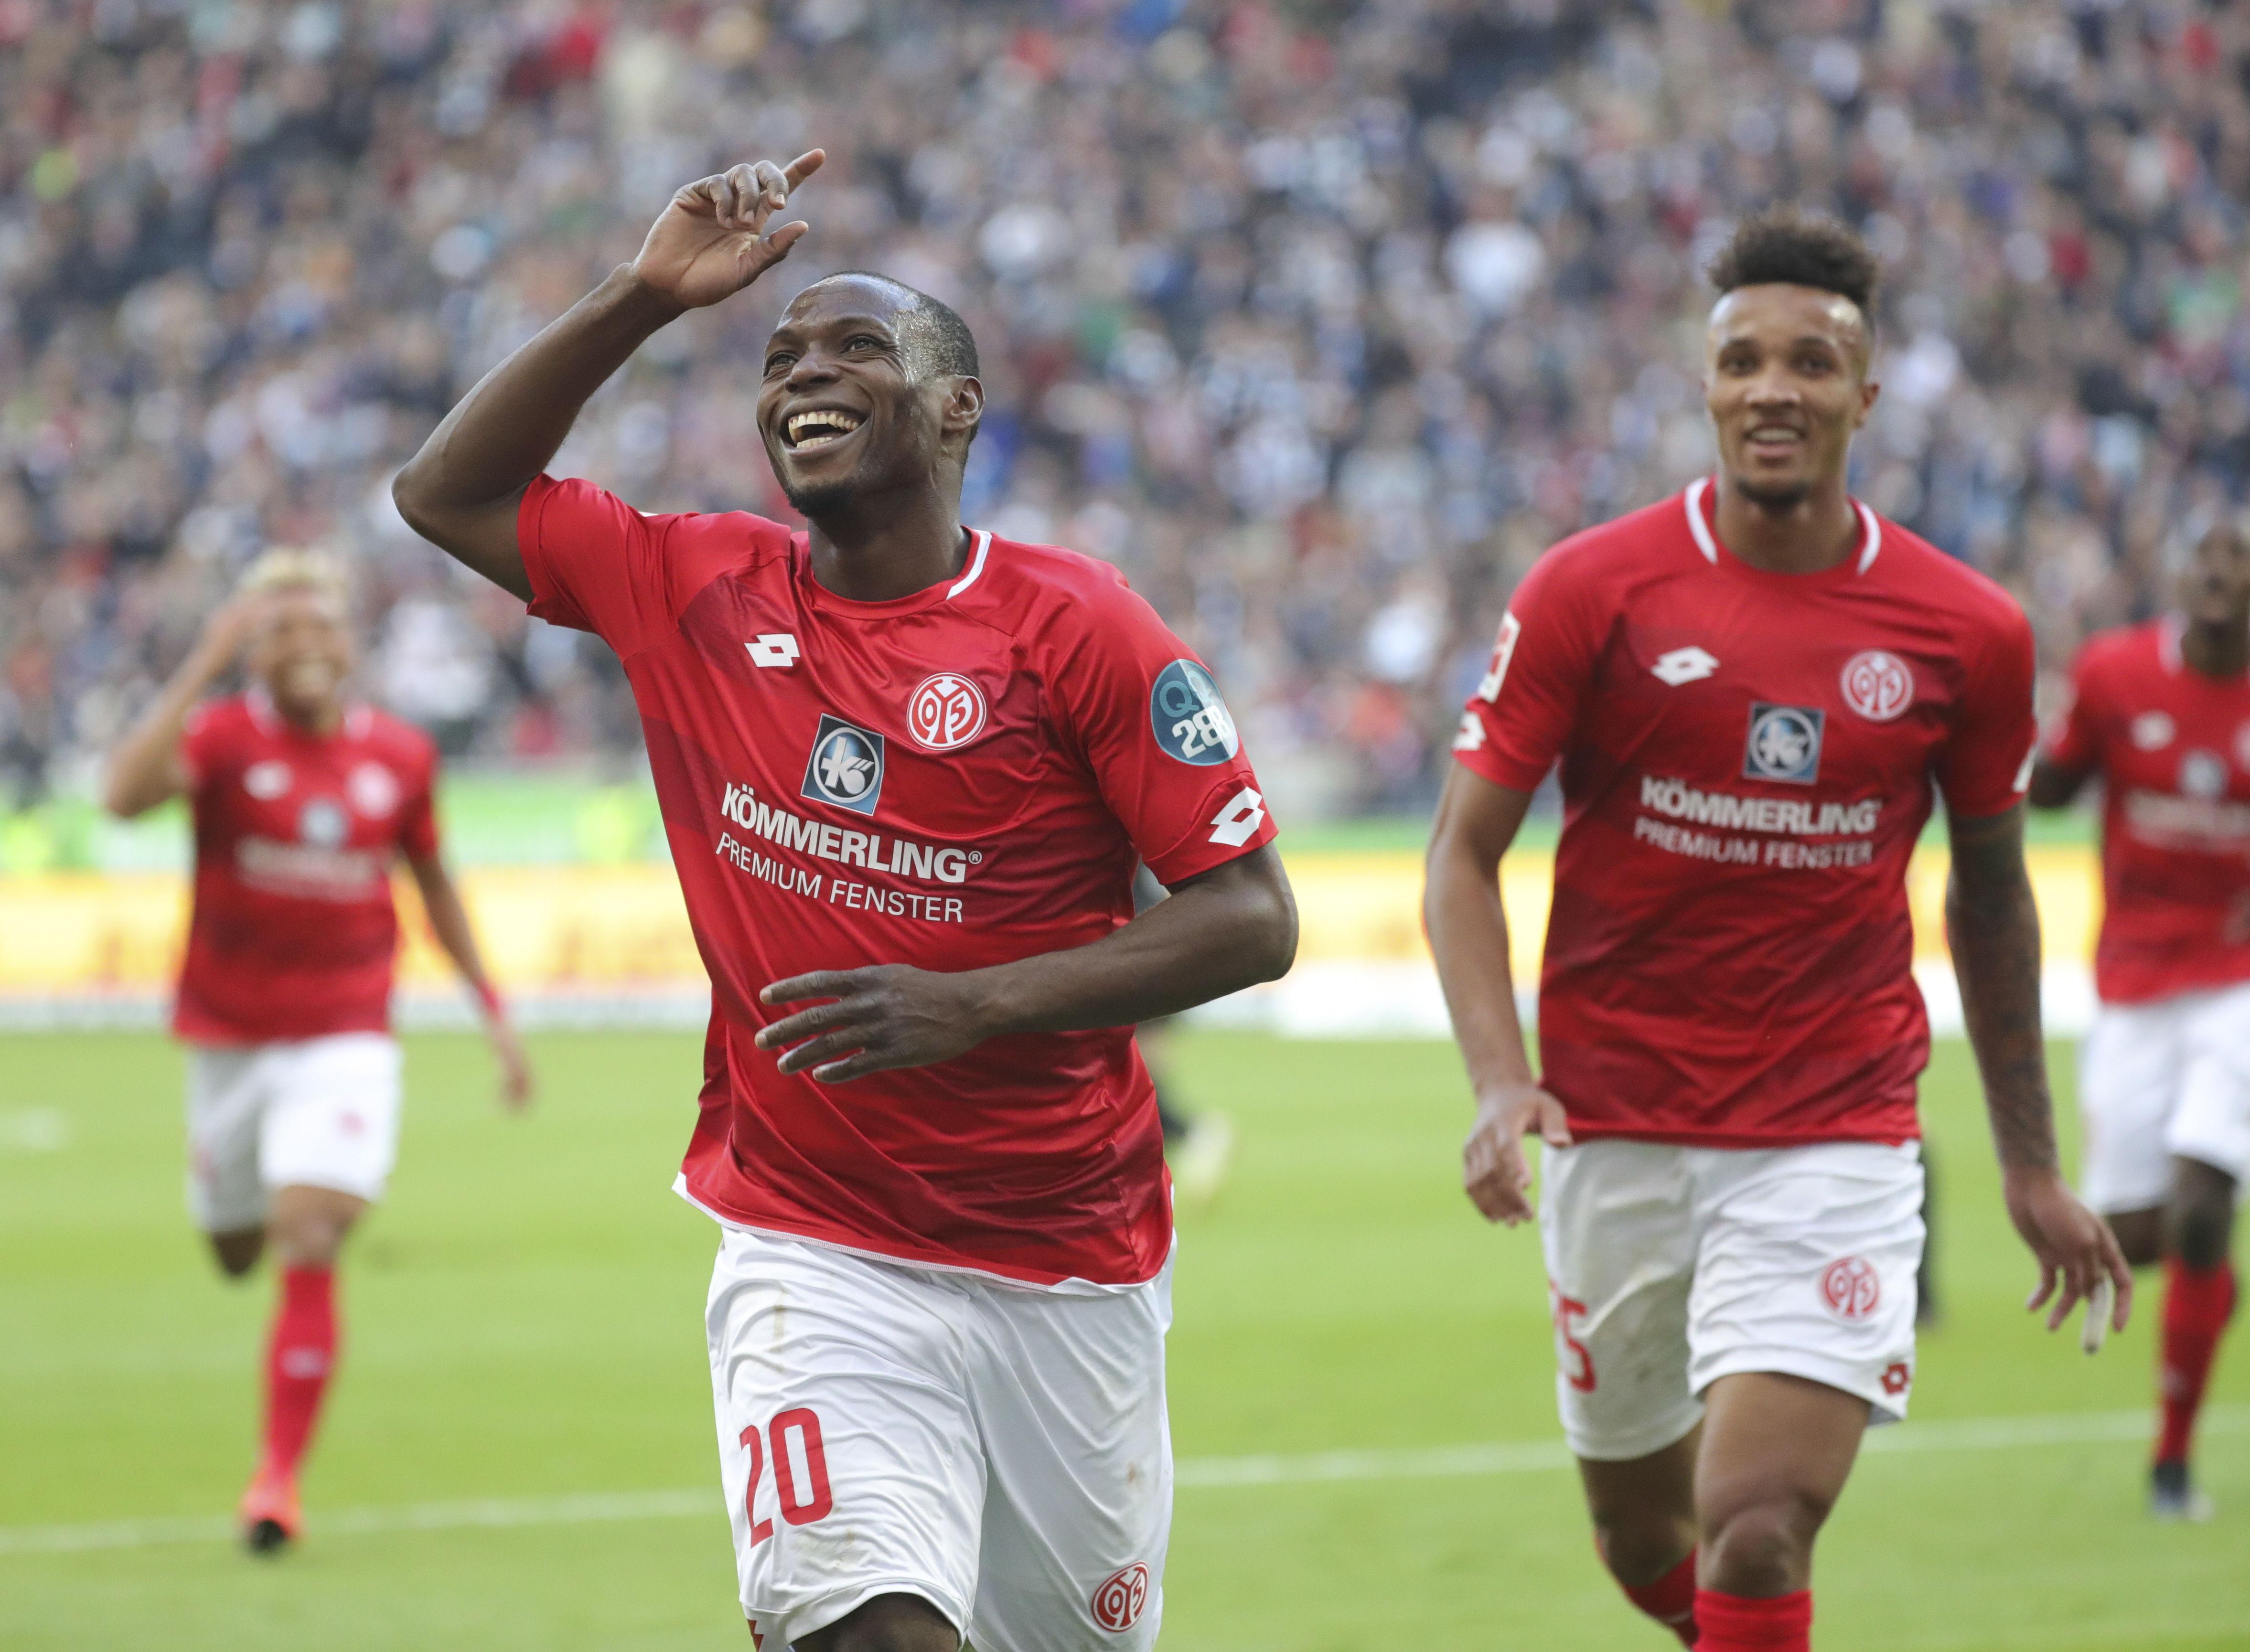 En fotos: Eintracht Frankfurt complica su lucha por la Champions tras perder con Mainz 05